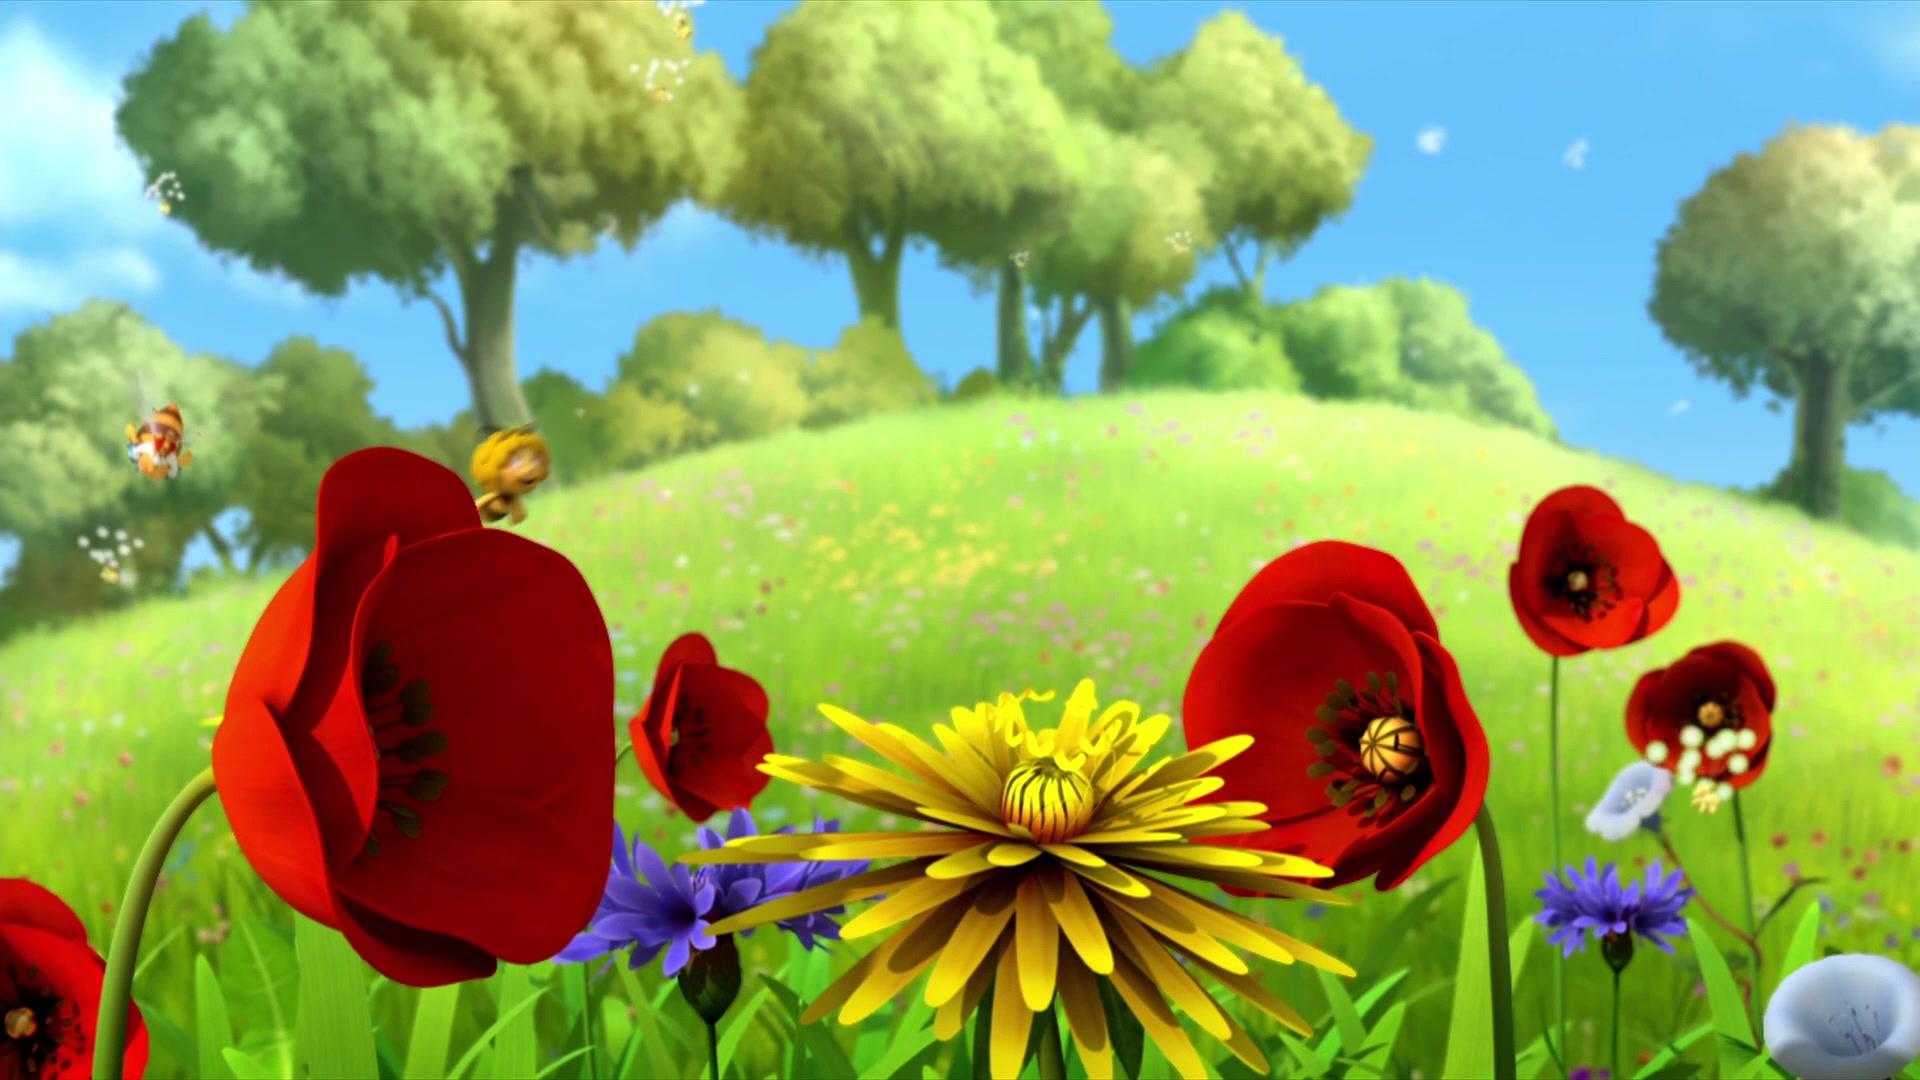 Пчелка Майя: Новые приключения / Выходной для королевы